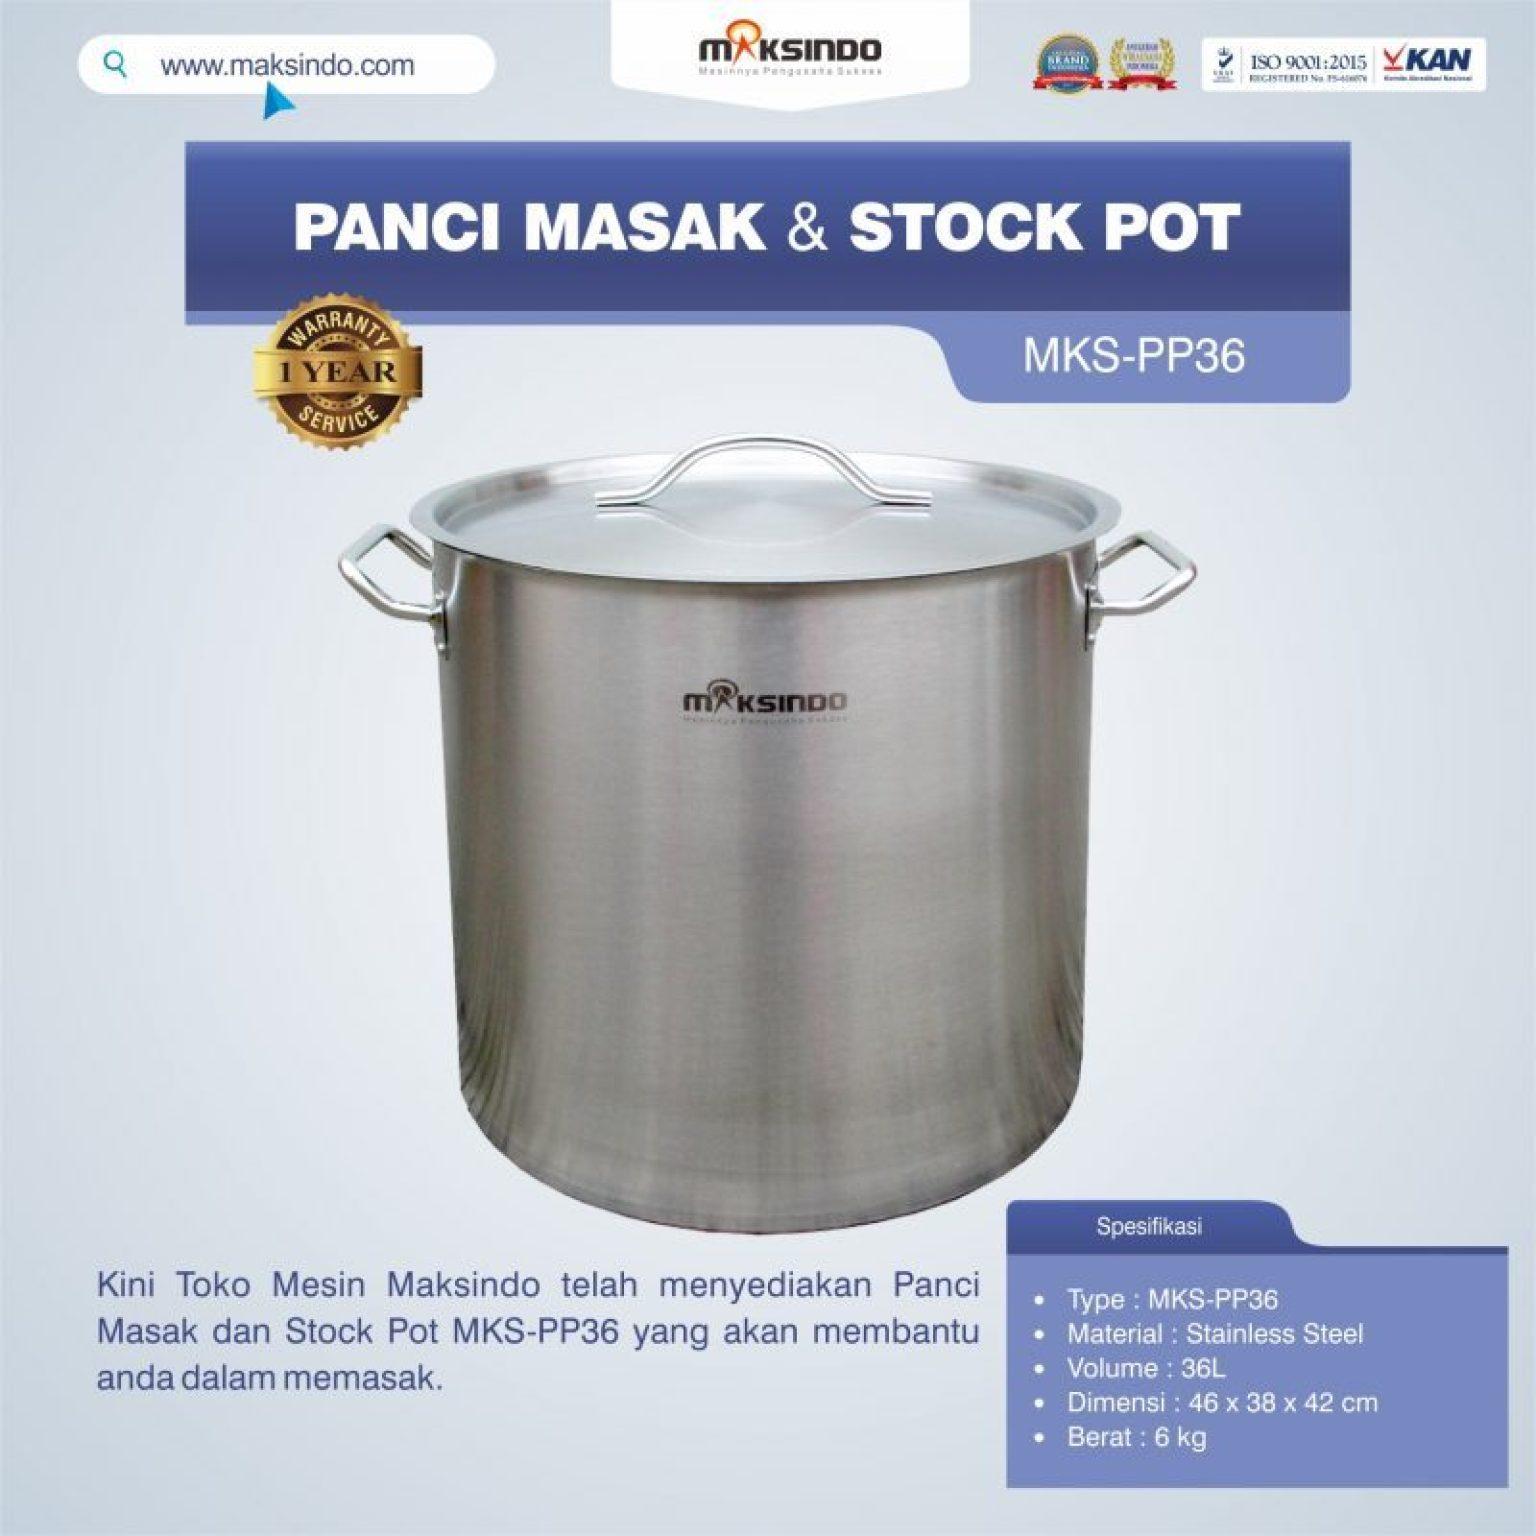 Jual Panci Masak Dan Stock Pot MKS-PP36 di Tangerang